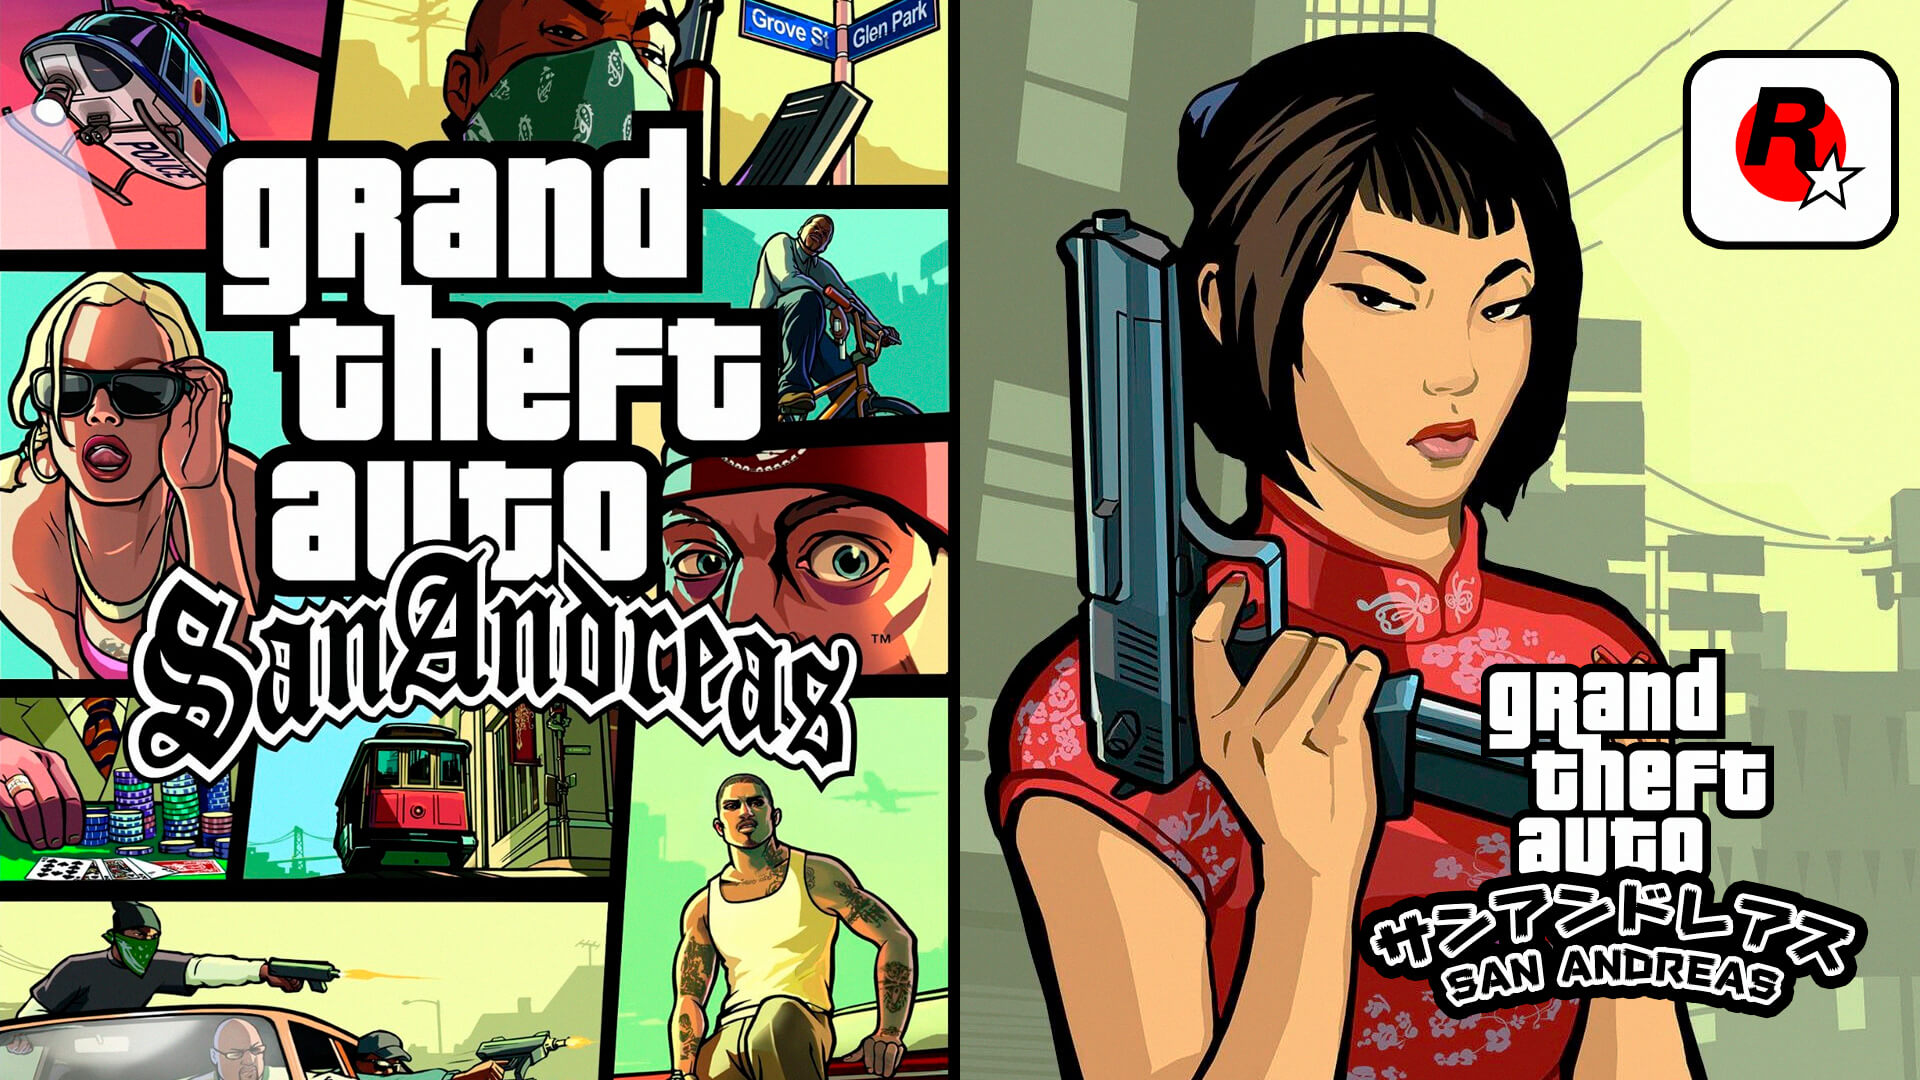 Grand Theft Auto San Andreas (GTA San Andreas) foi lançado em diversos países, no entanto, a versão japonesa é diferente de todas as outras.